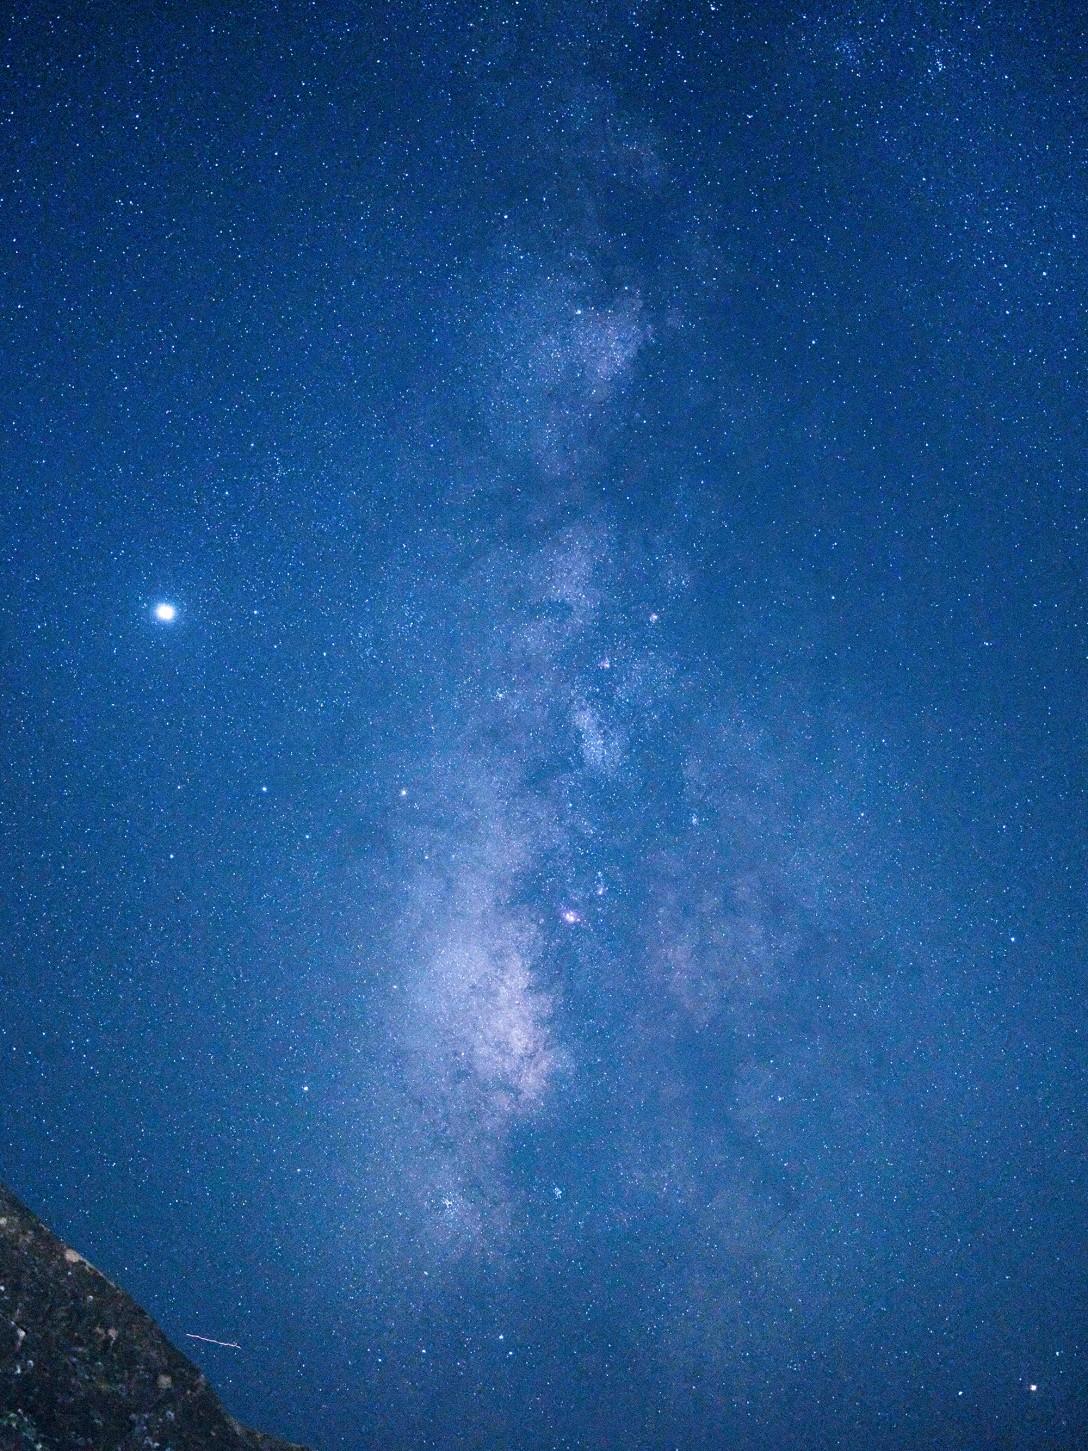 上 星空 綺麗 な 画像 高 画質